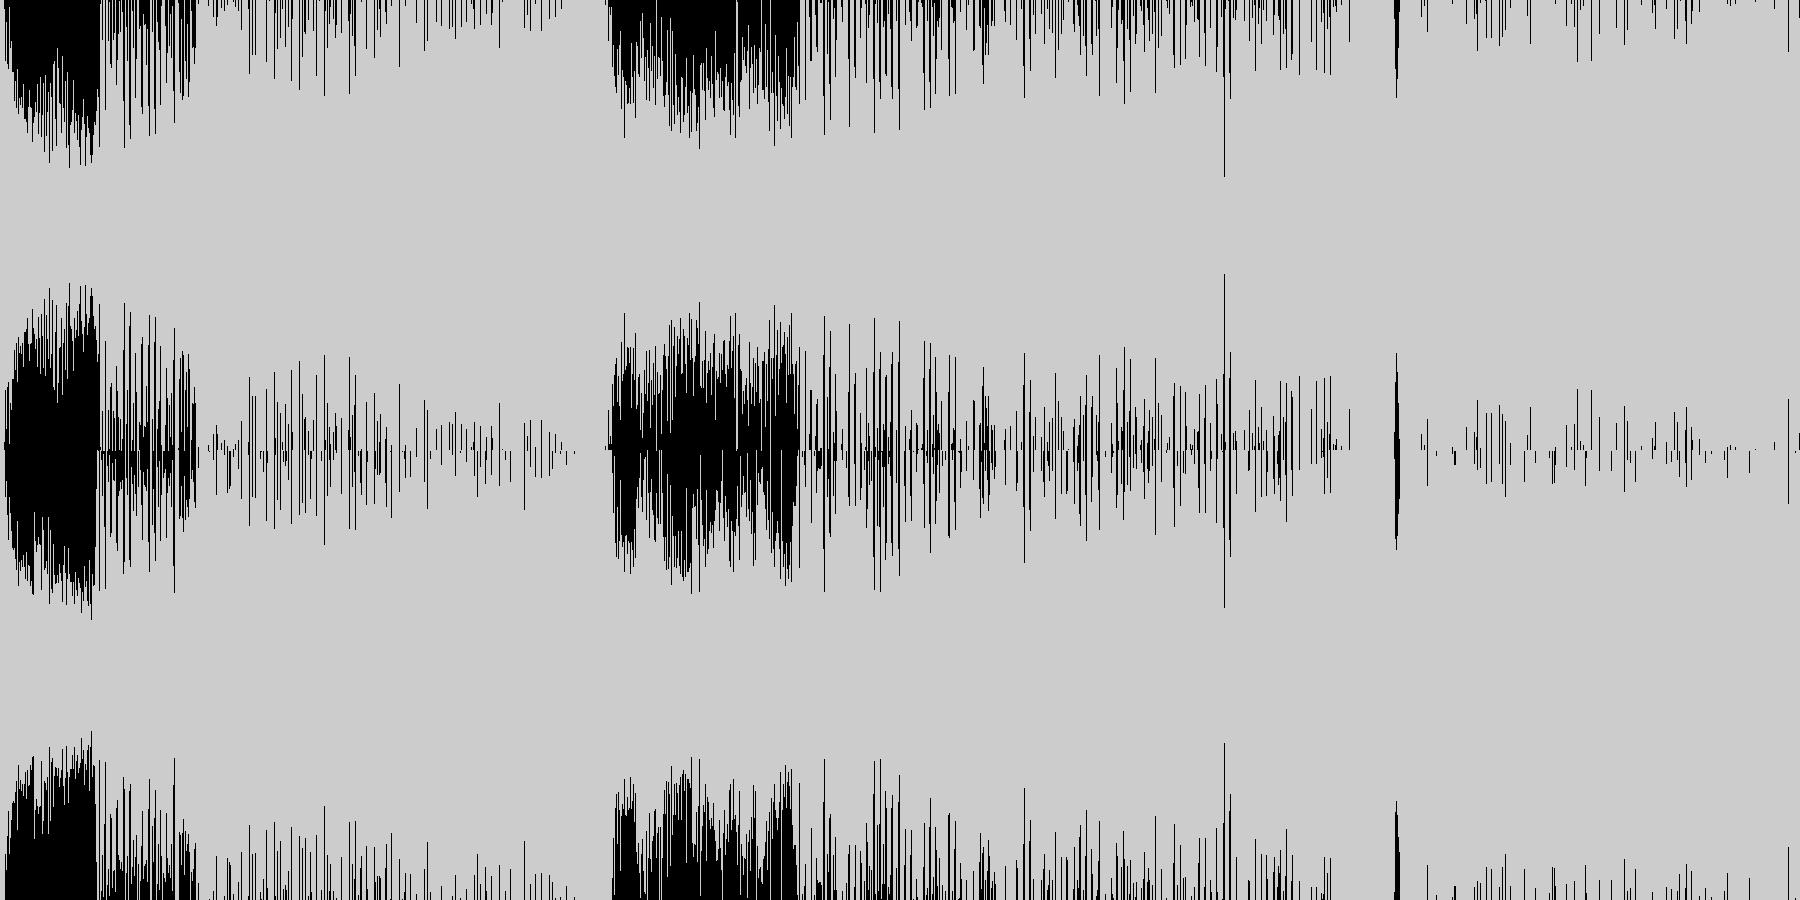 【ループ仕様】サイバーな雰囲気のトランスの未再生の波形